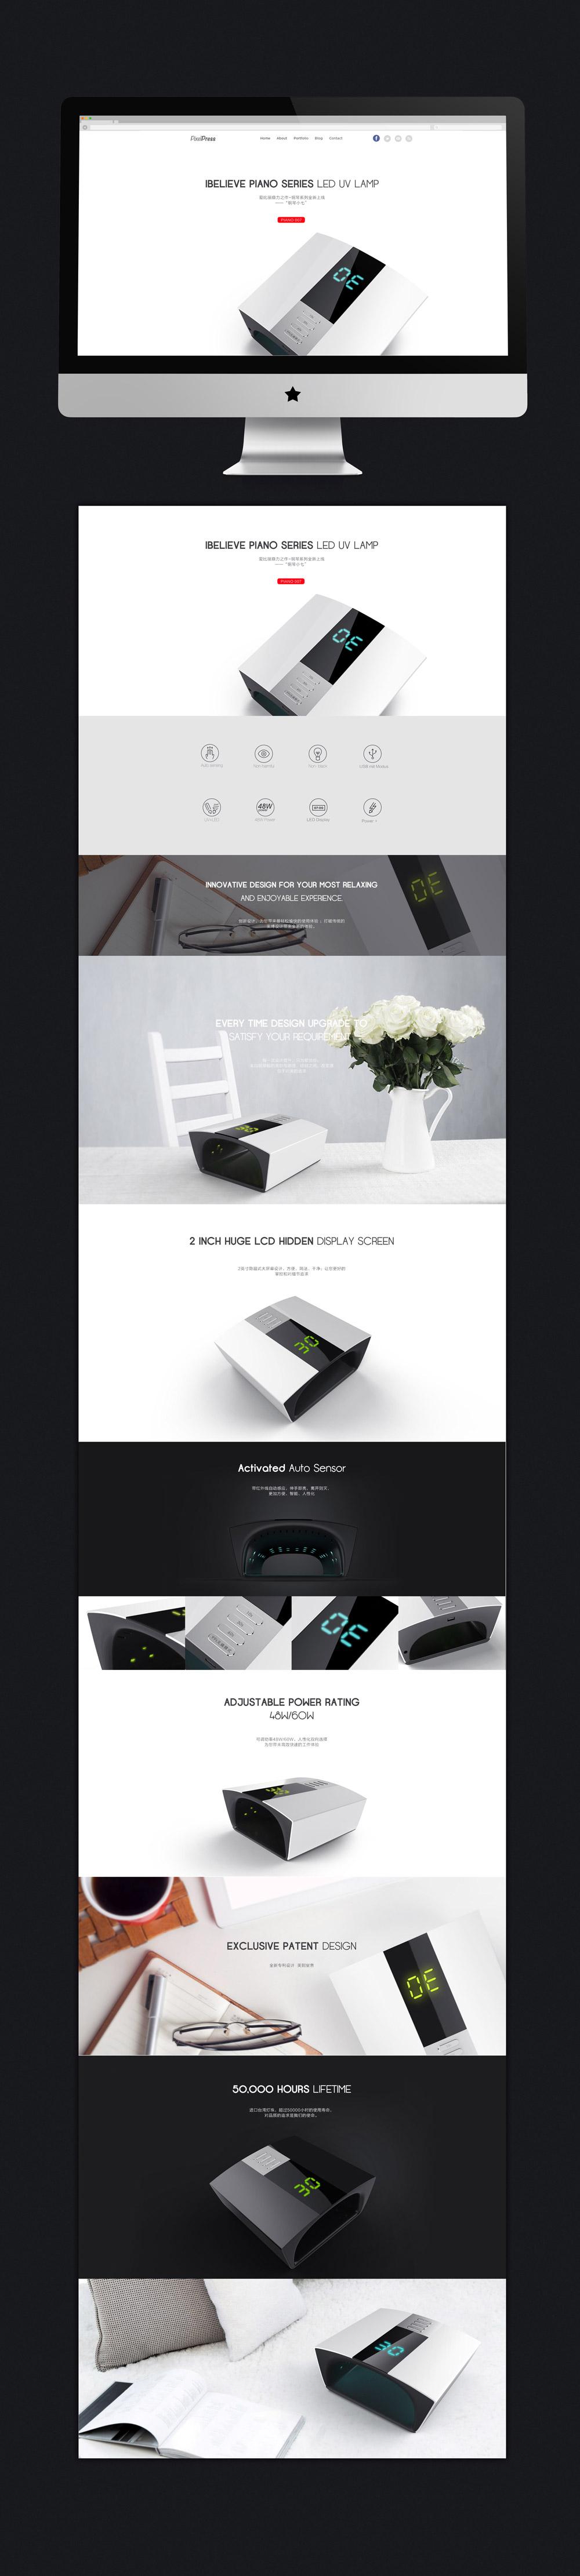 新一波产品网站设计